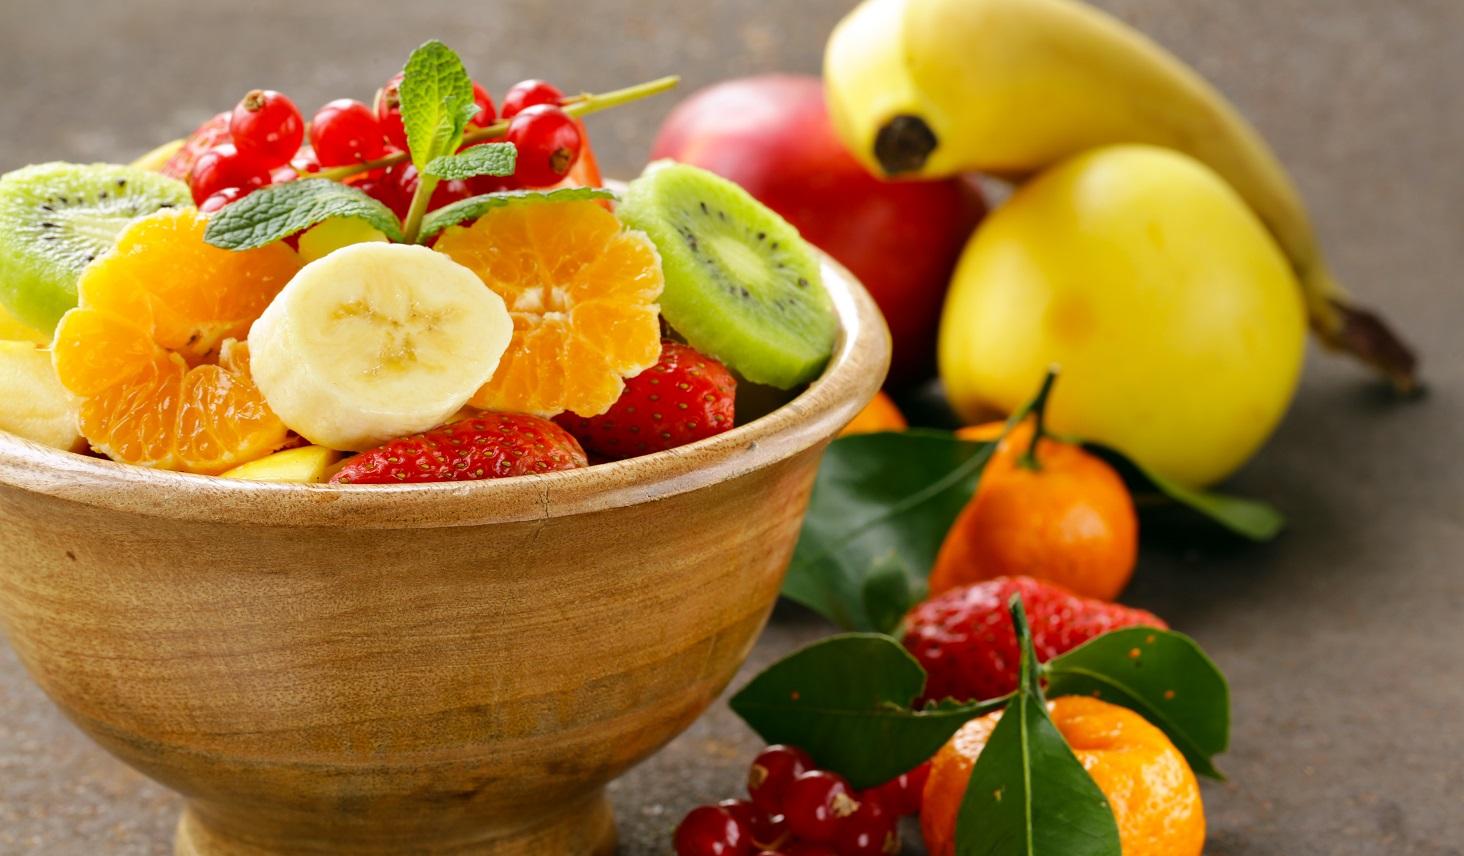 目のセルフプリベンション 自己予防に抗酸化力のあるものを食べる